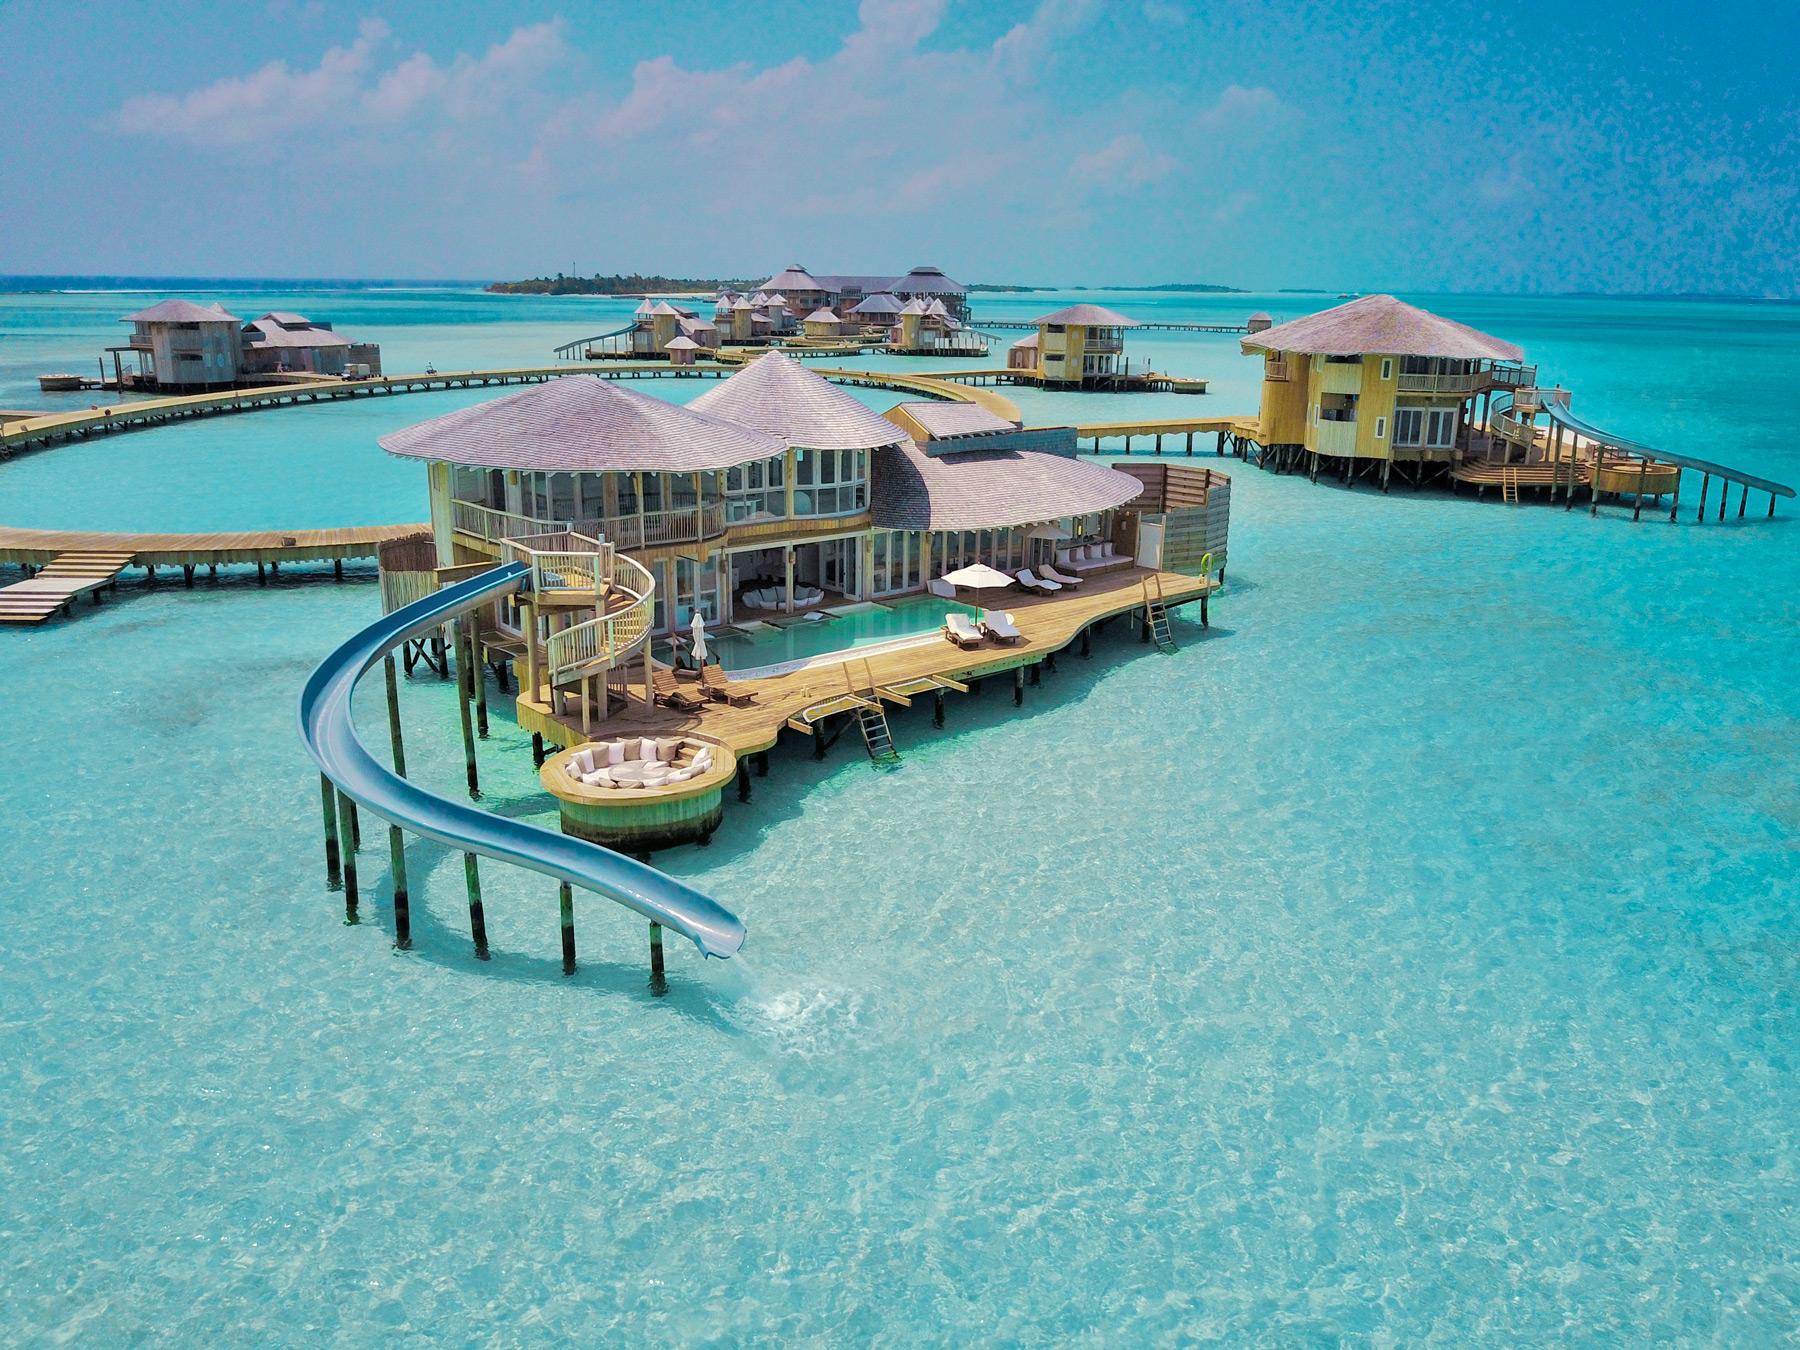 De to resortøer Soneva Jani og Soneva Fushi skal lejes for mindst tre døgn – ét døgn koster 850.000 kroner. PR-foto via Blixen Tours.